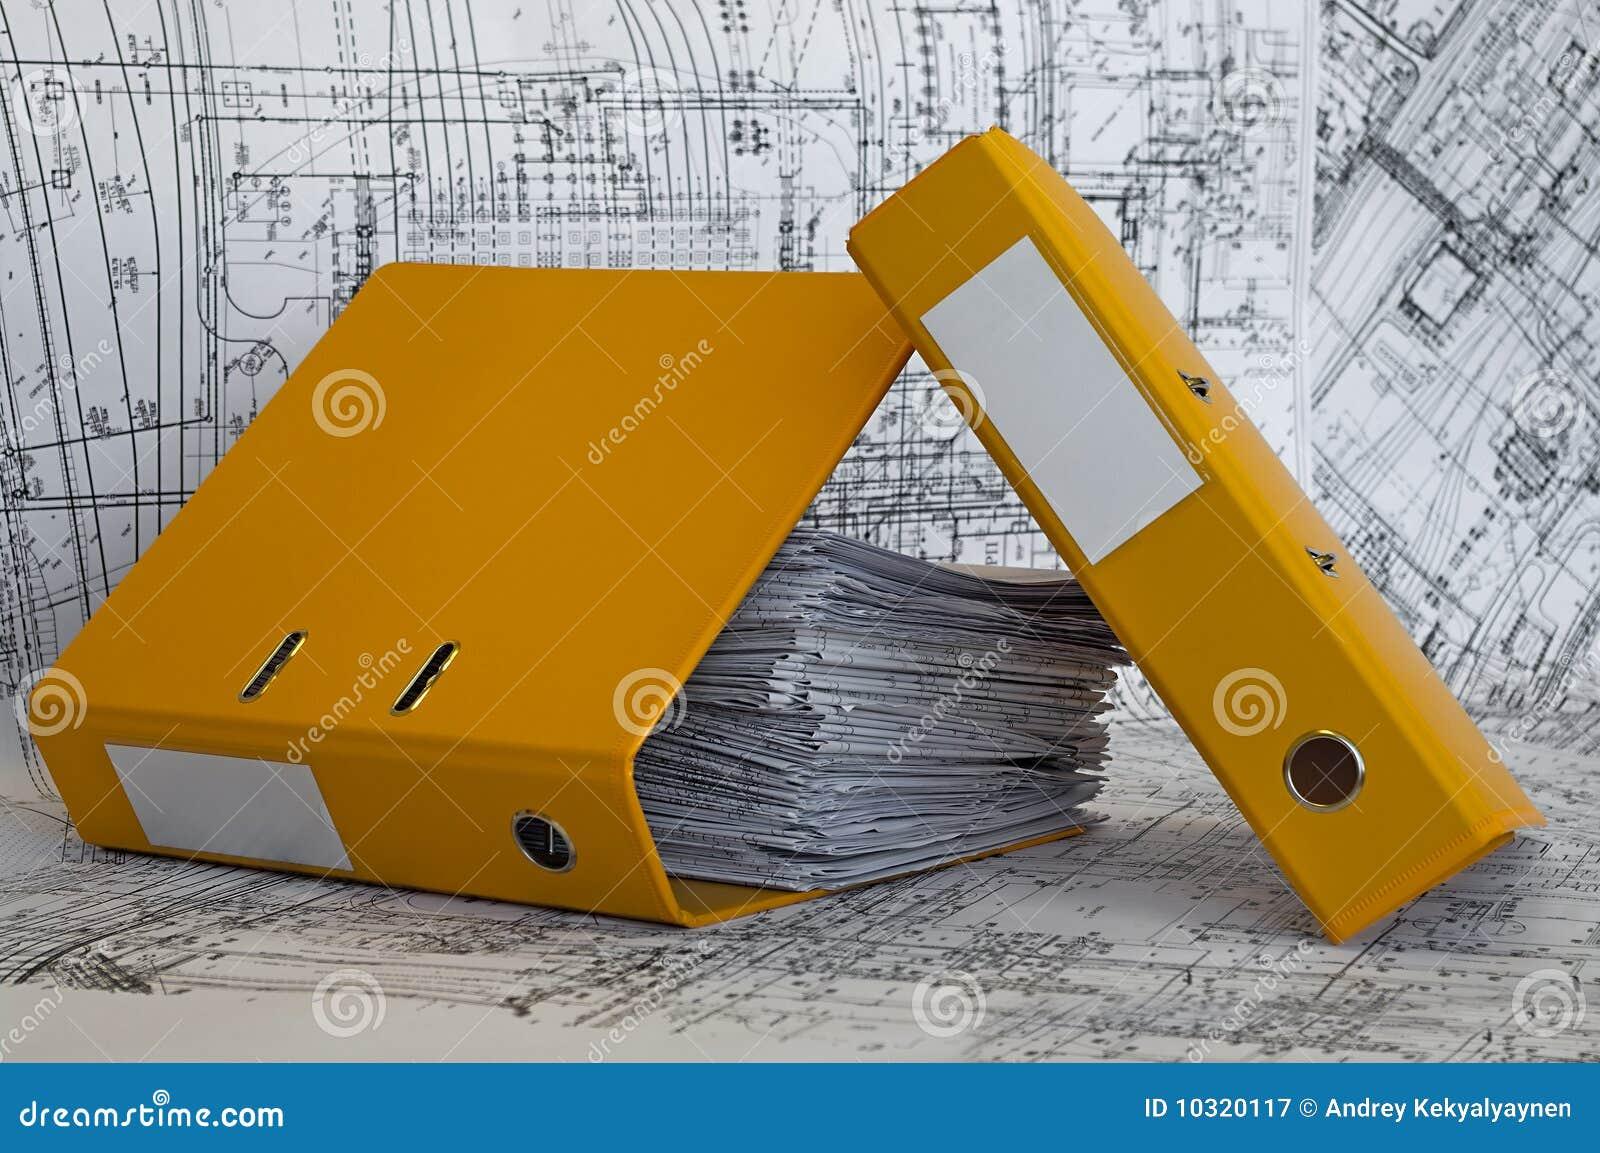 Rysunków skoroszytowy rozsypiska projekta kolor żółty